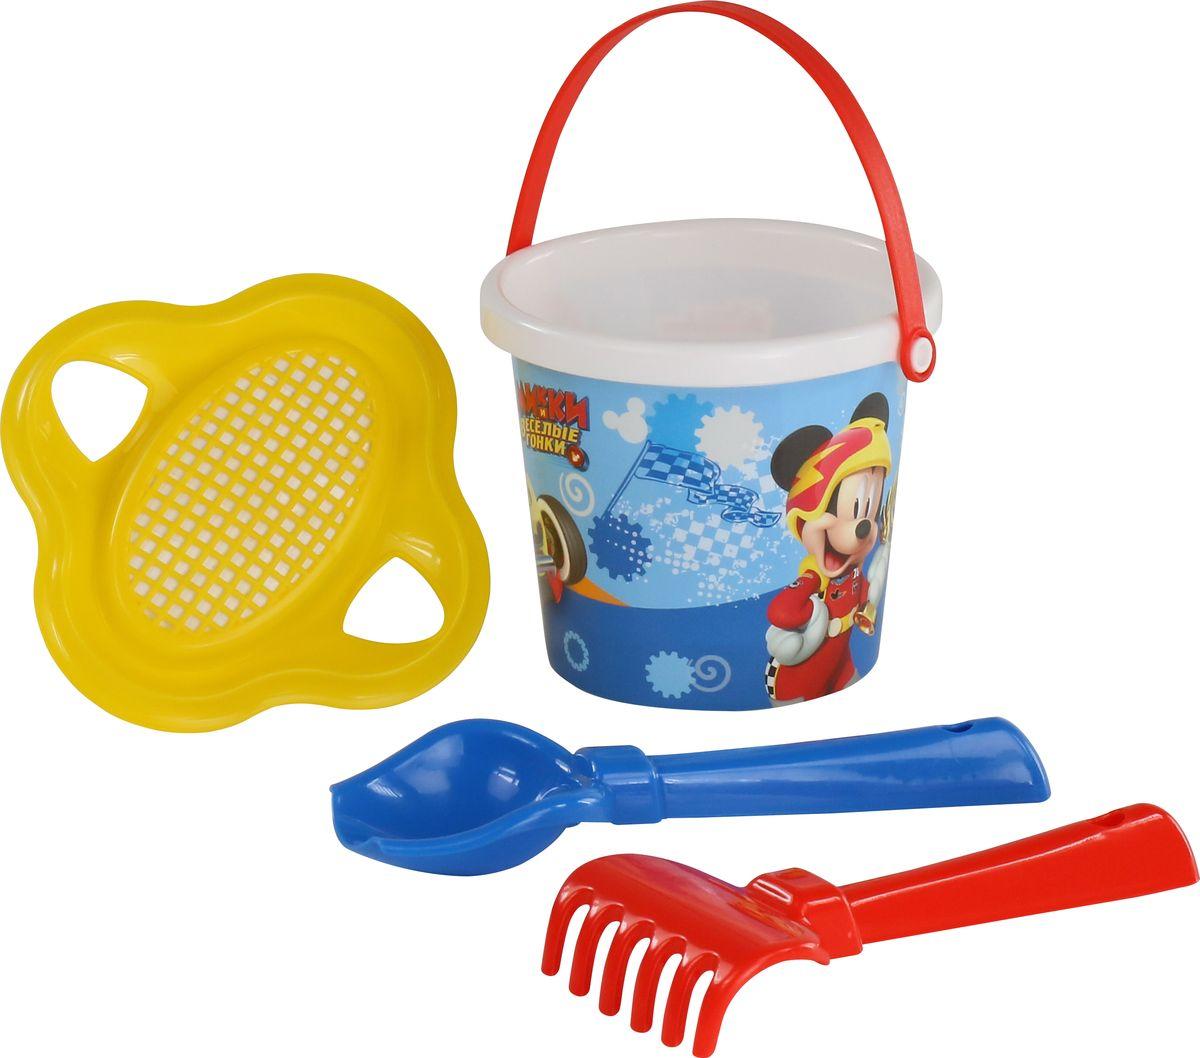 Disney Набор игрушек для песочницы Микки и Веселые гонки №2, цвет в ассортименте